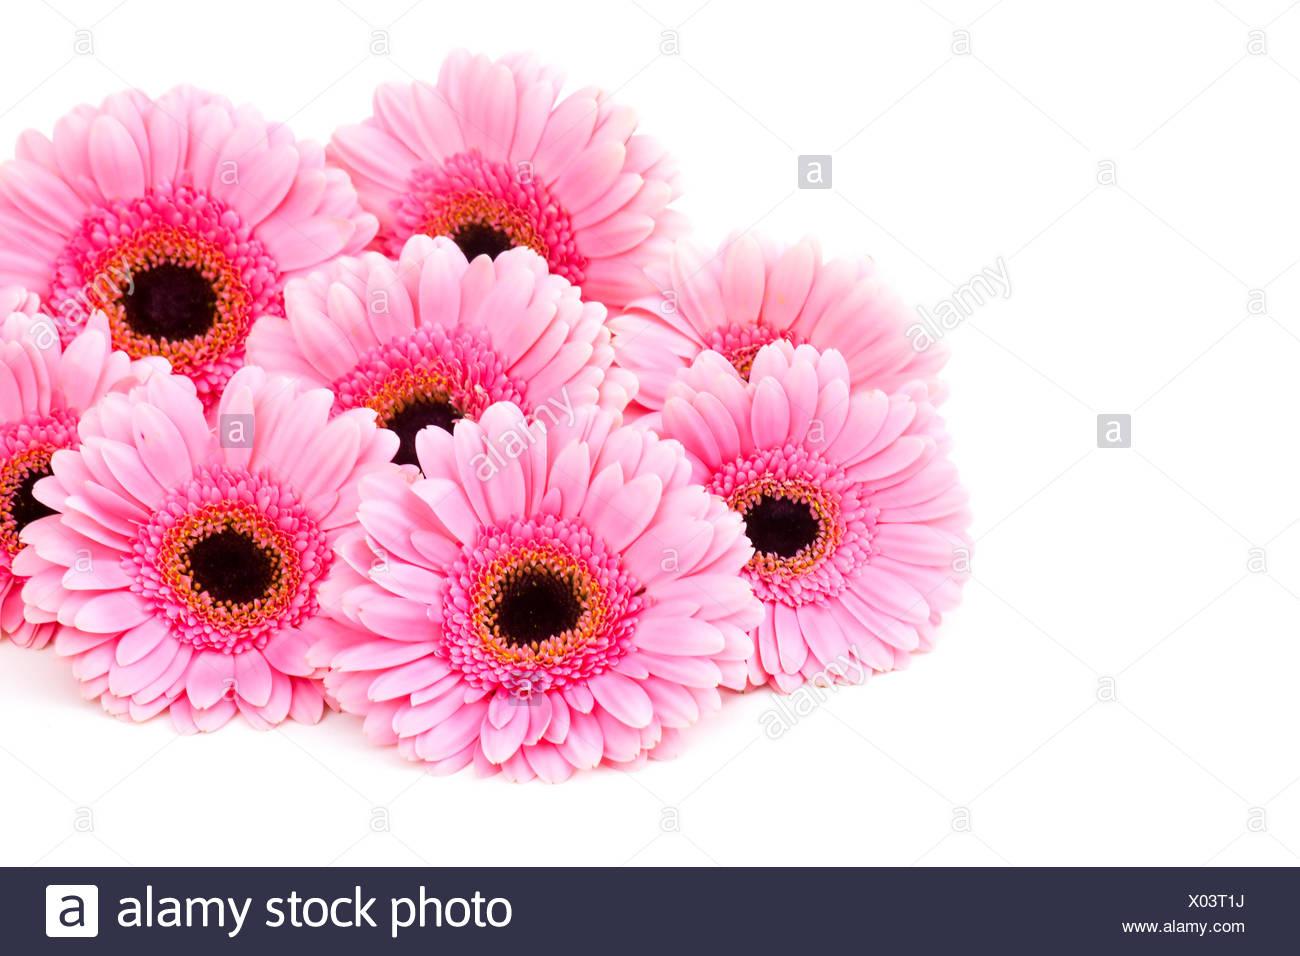 Gerbera Daisy Pink Stock Photos Gerbera Daisy Pink Stock Images